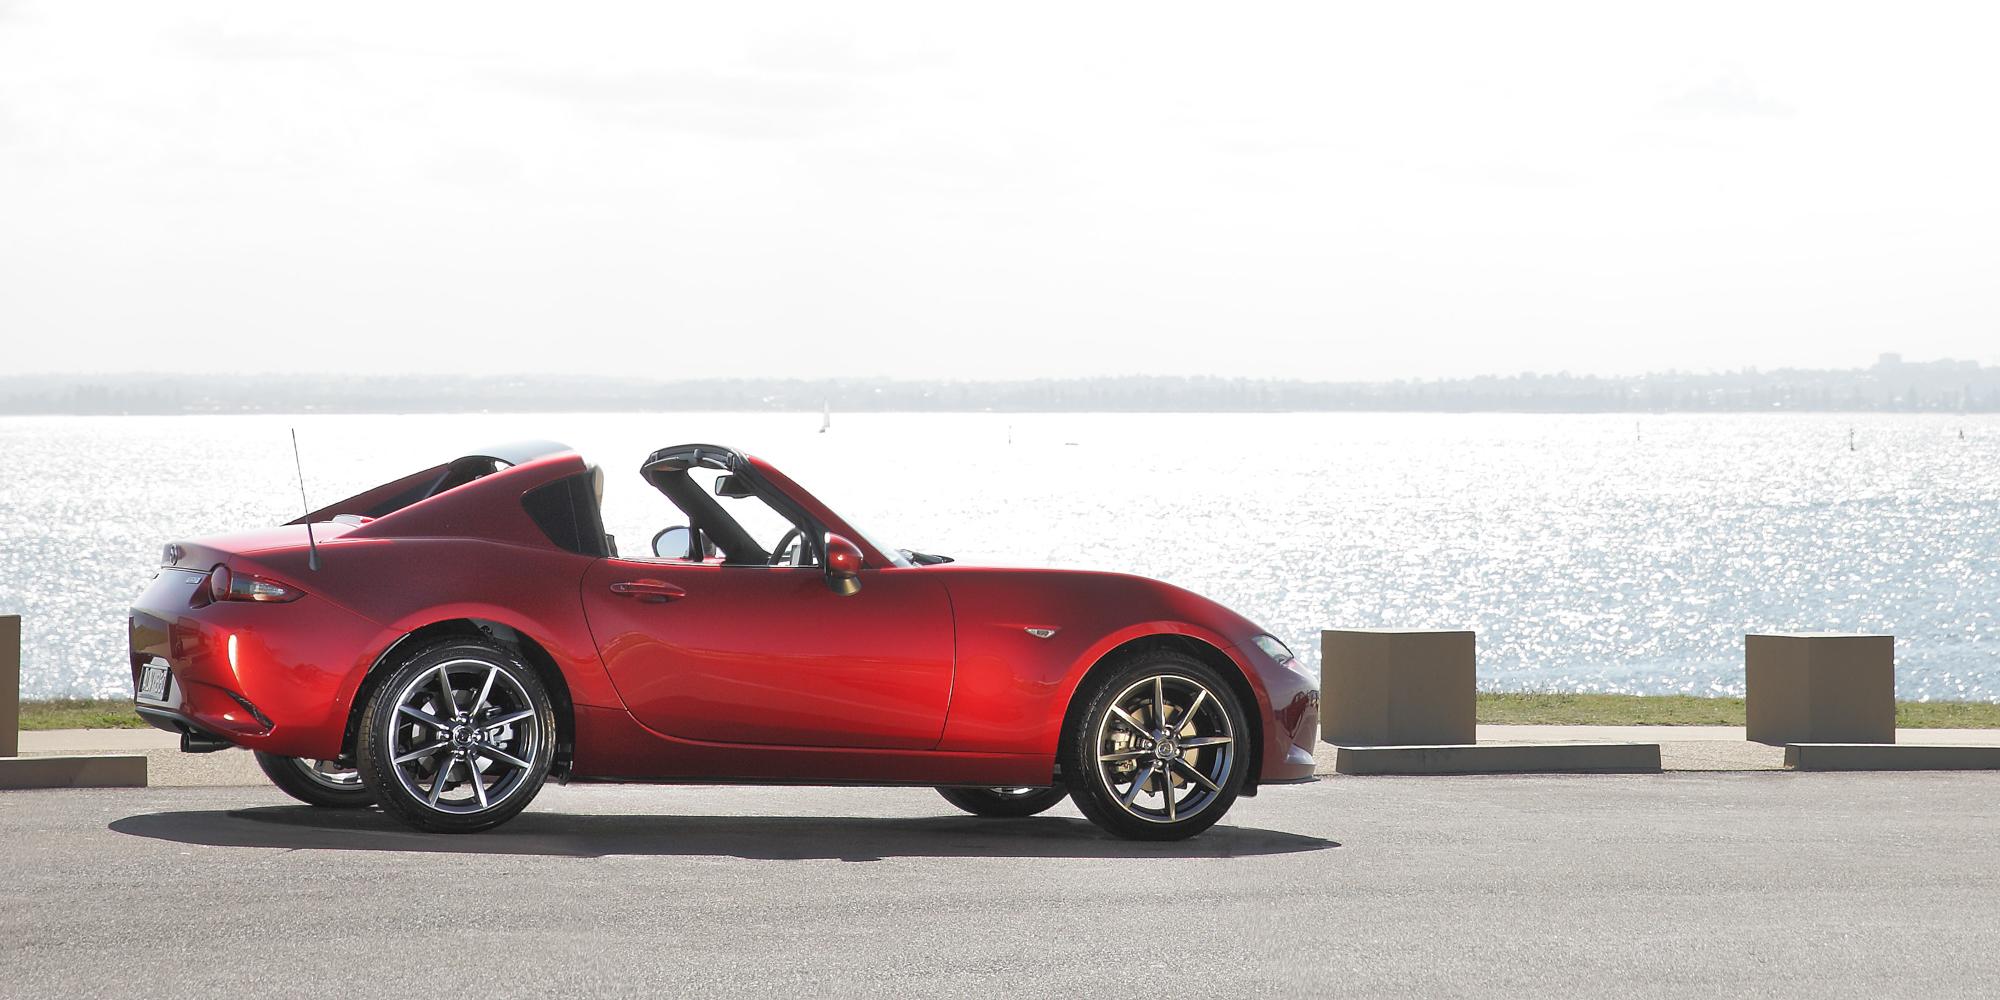 Mx 5 Rf Price >> 2017 Mazda MX-5 RF review | CarAdvice